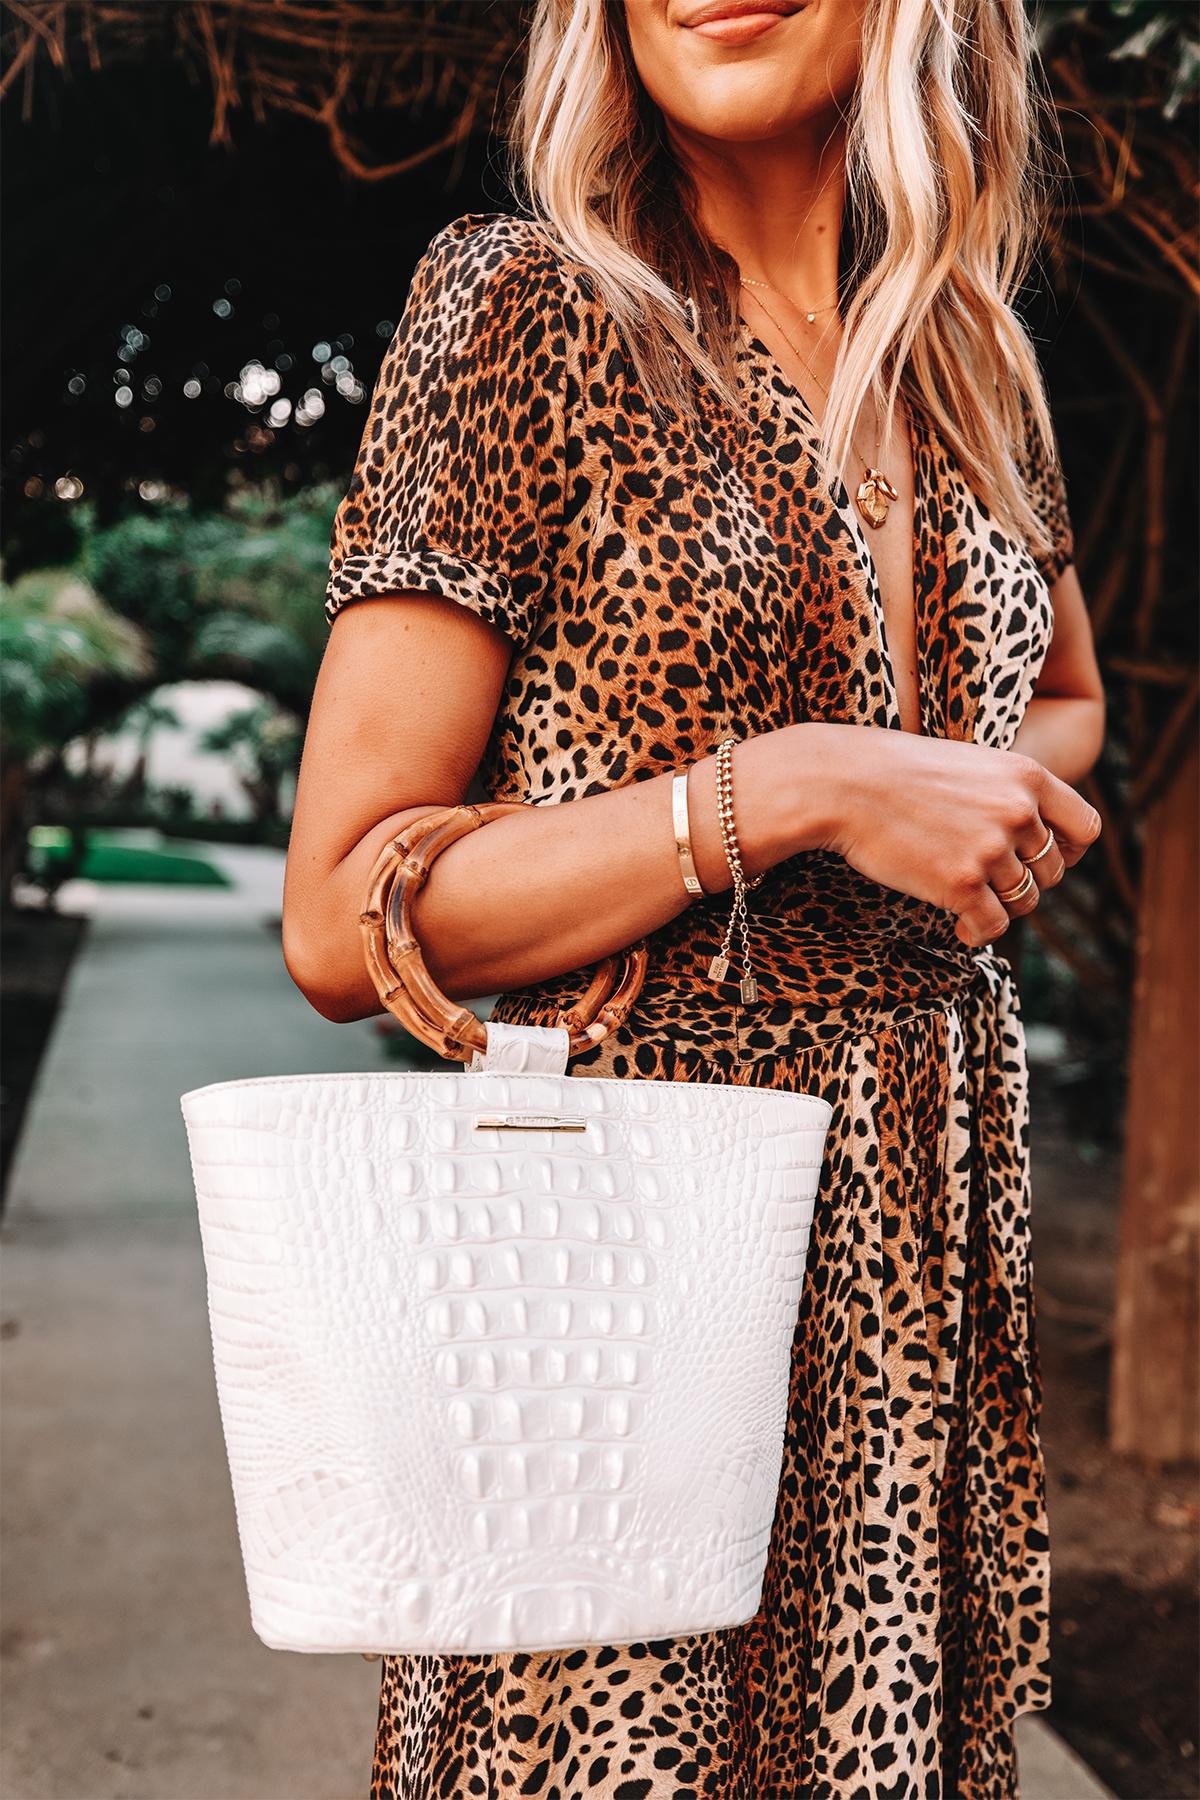 Fashion Jackson Wearing Leopard Dress Holding Brahmin Mod Bowie Handbag in White